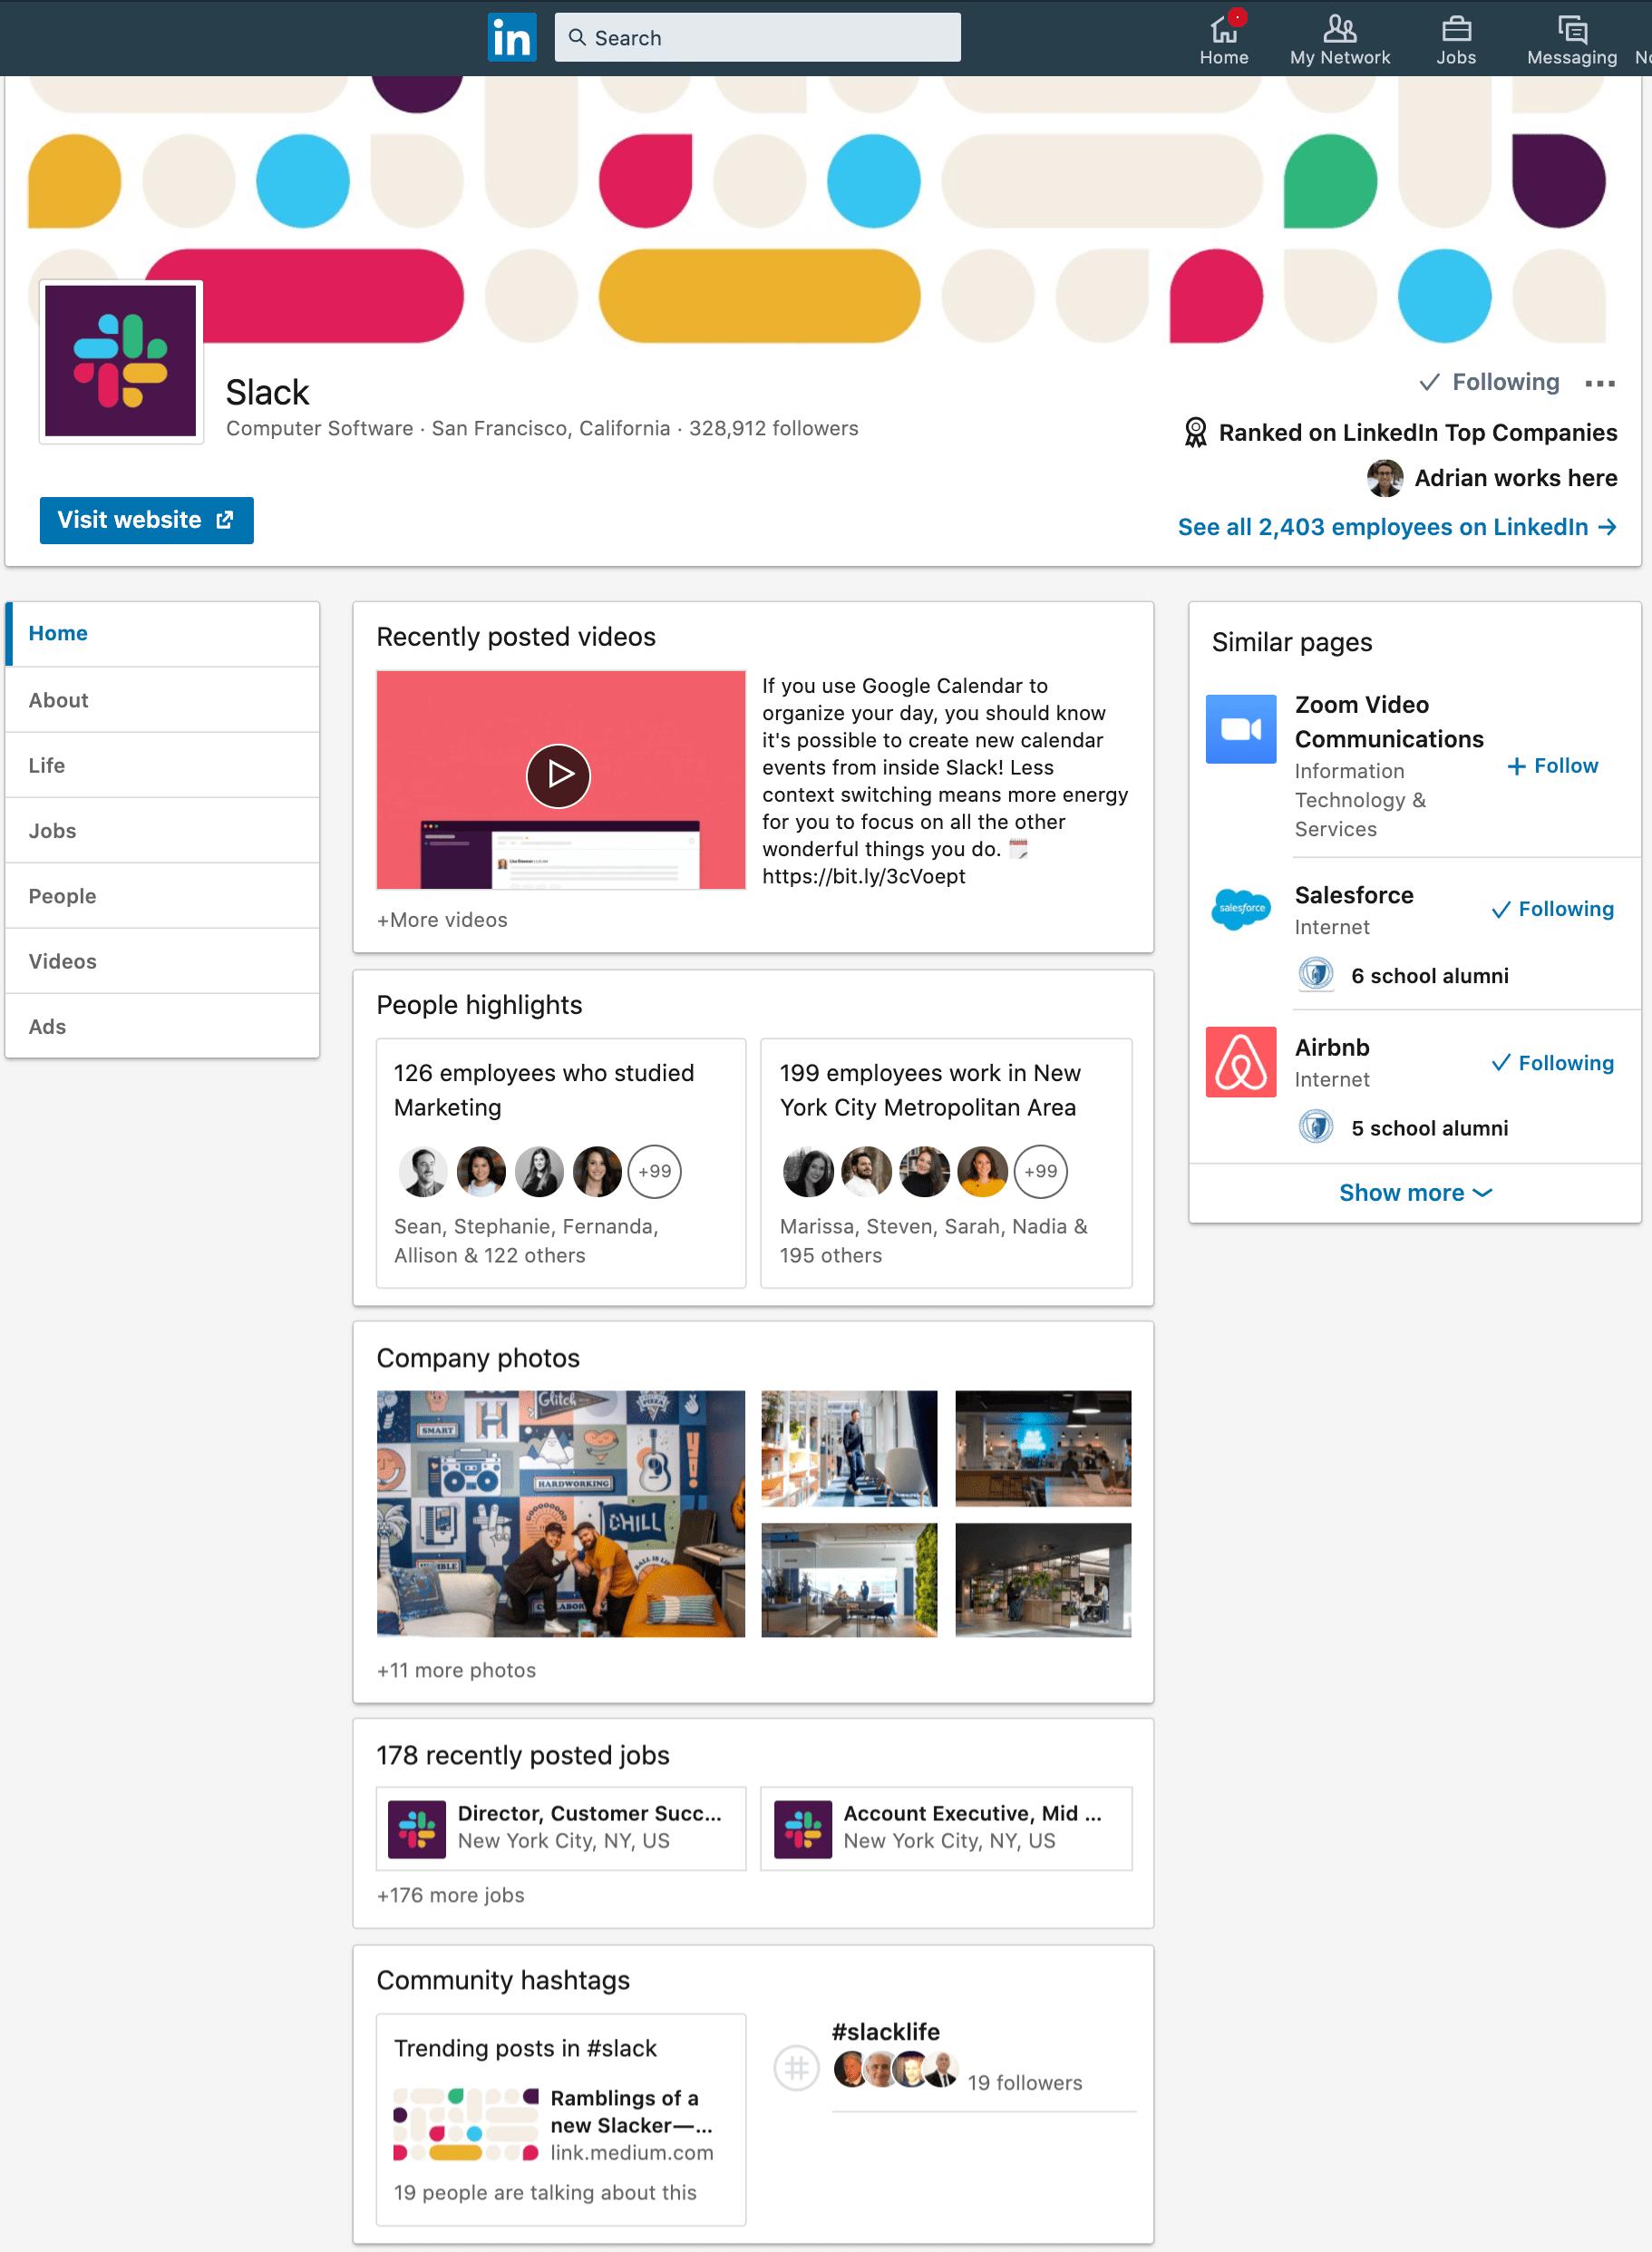 Slack_Overview_LinkedIn